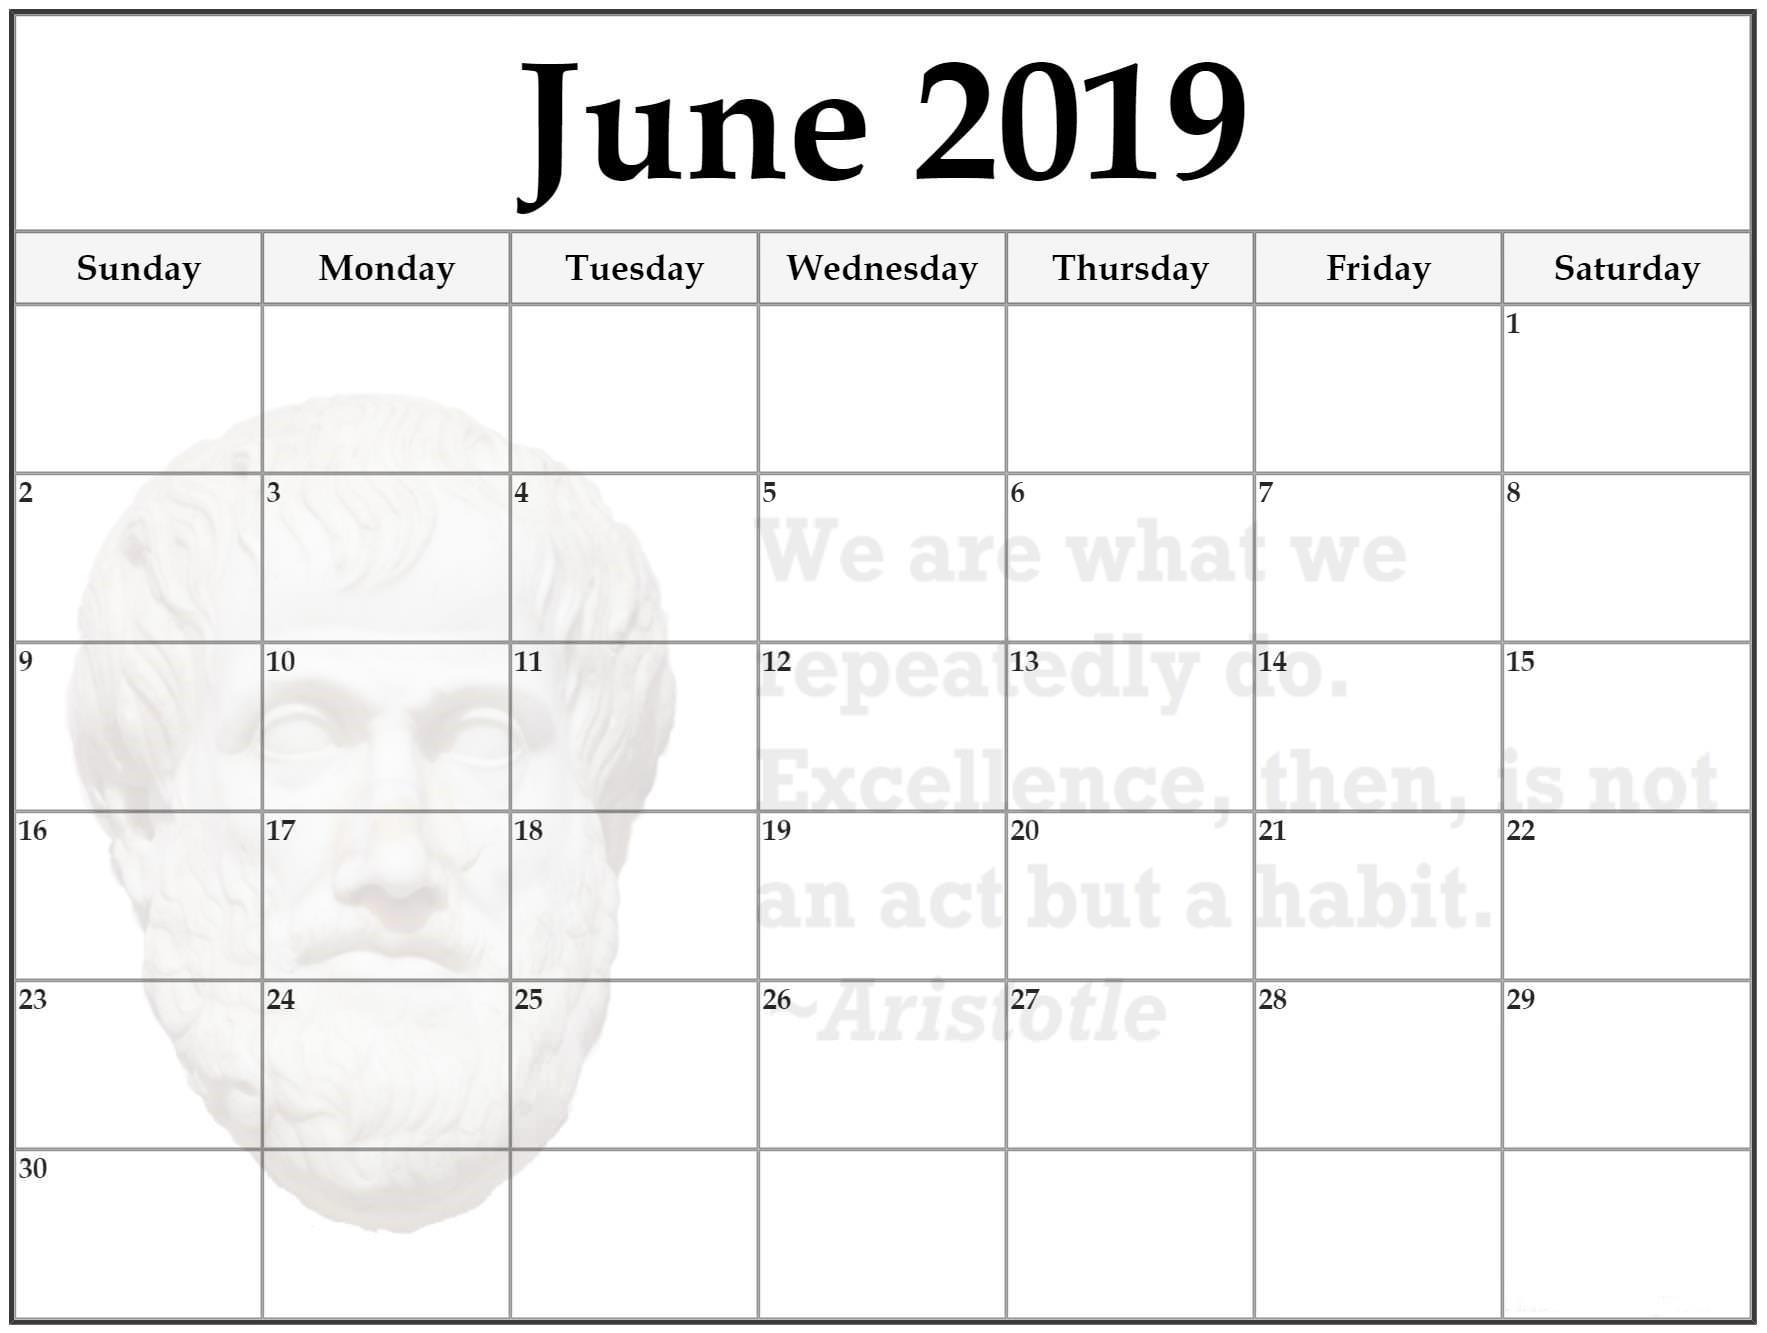 Kalender 2019 Weeknummers Pdf Más Reciente Print October November Calendar 2018 Template Here We Have